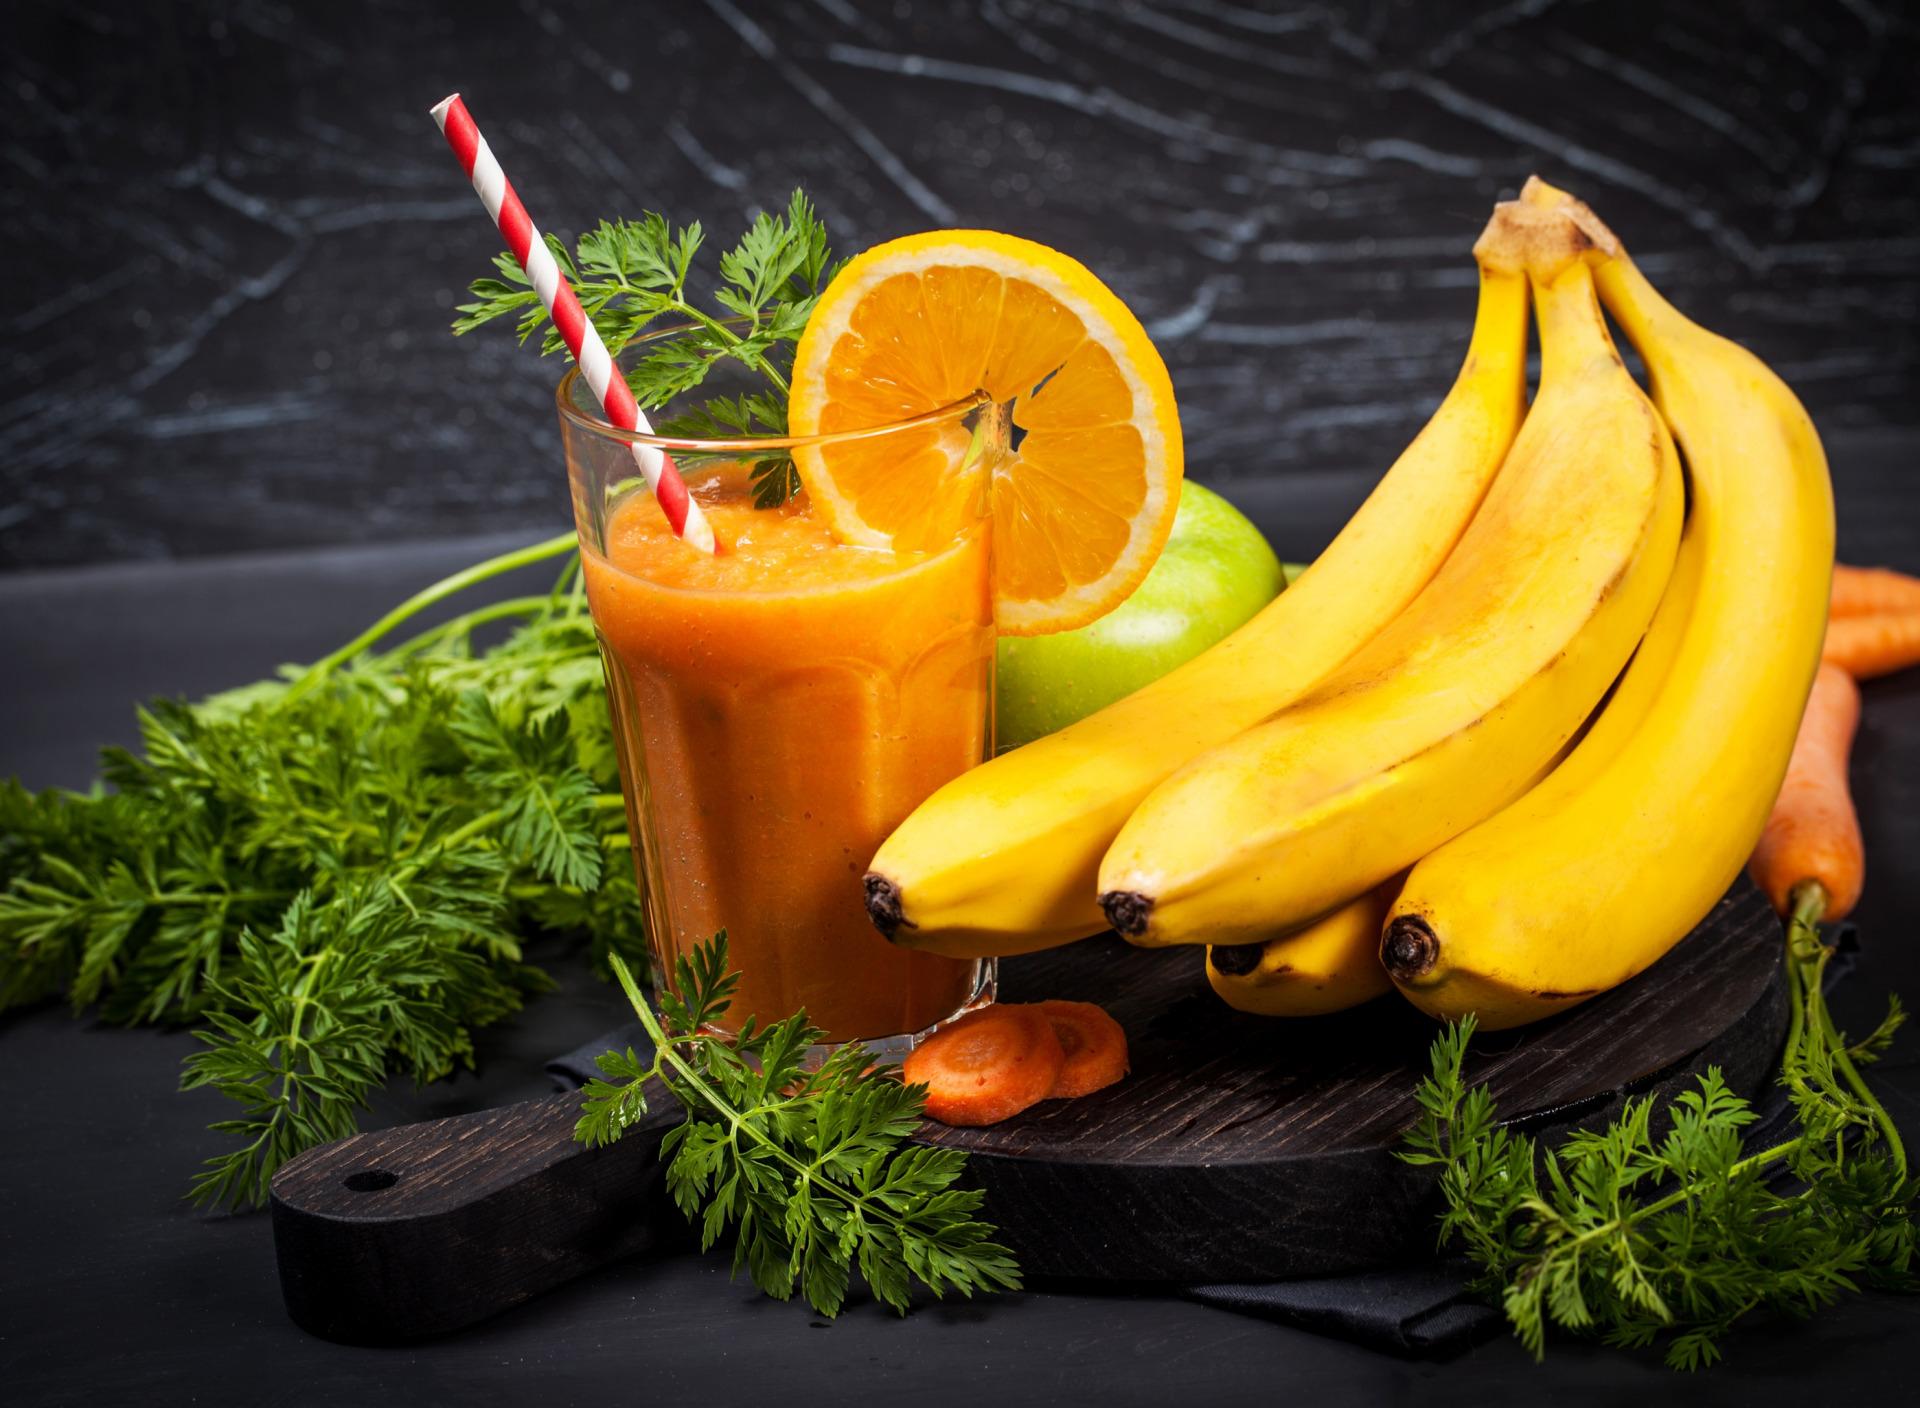 картинки на телефон апельсин и банан этом интерфаксу